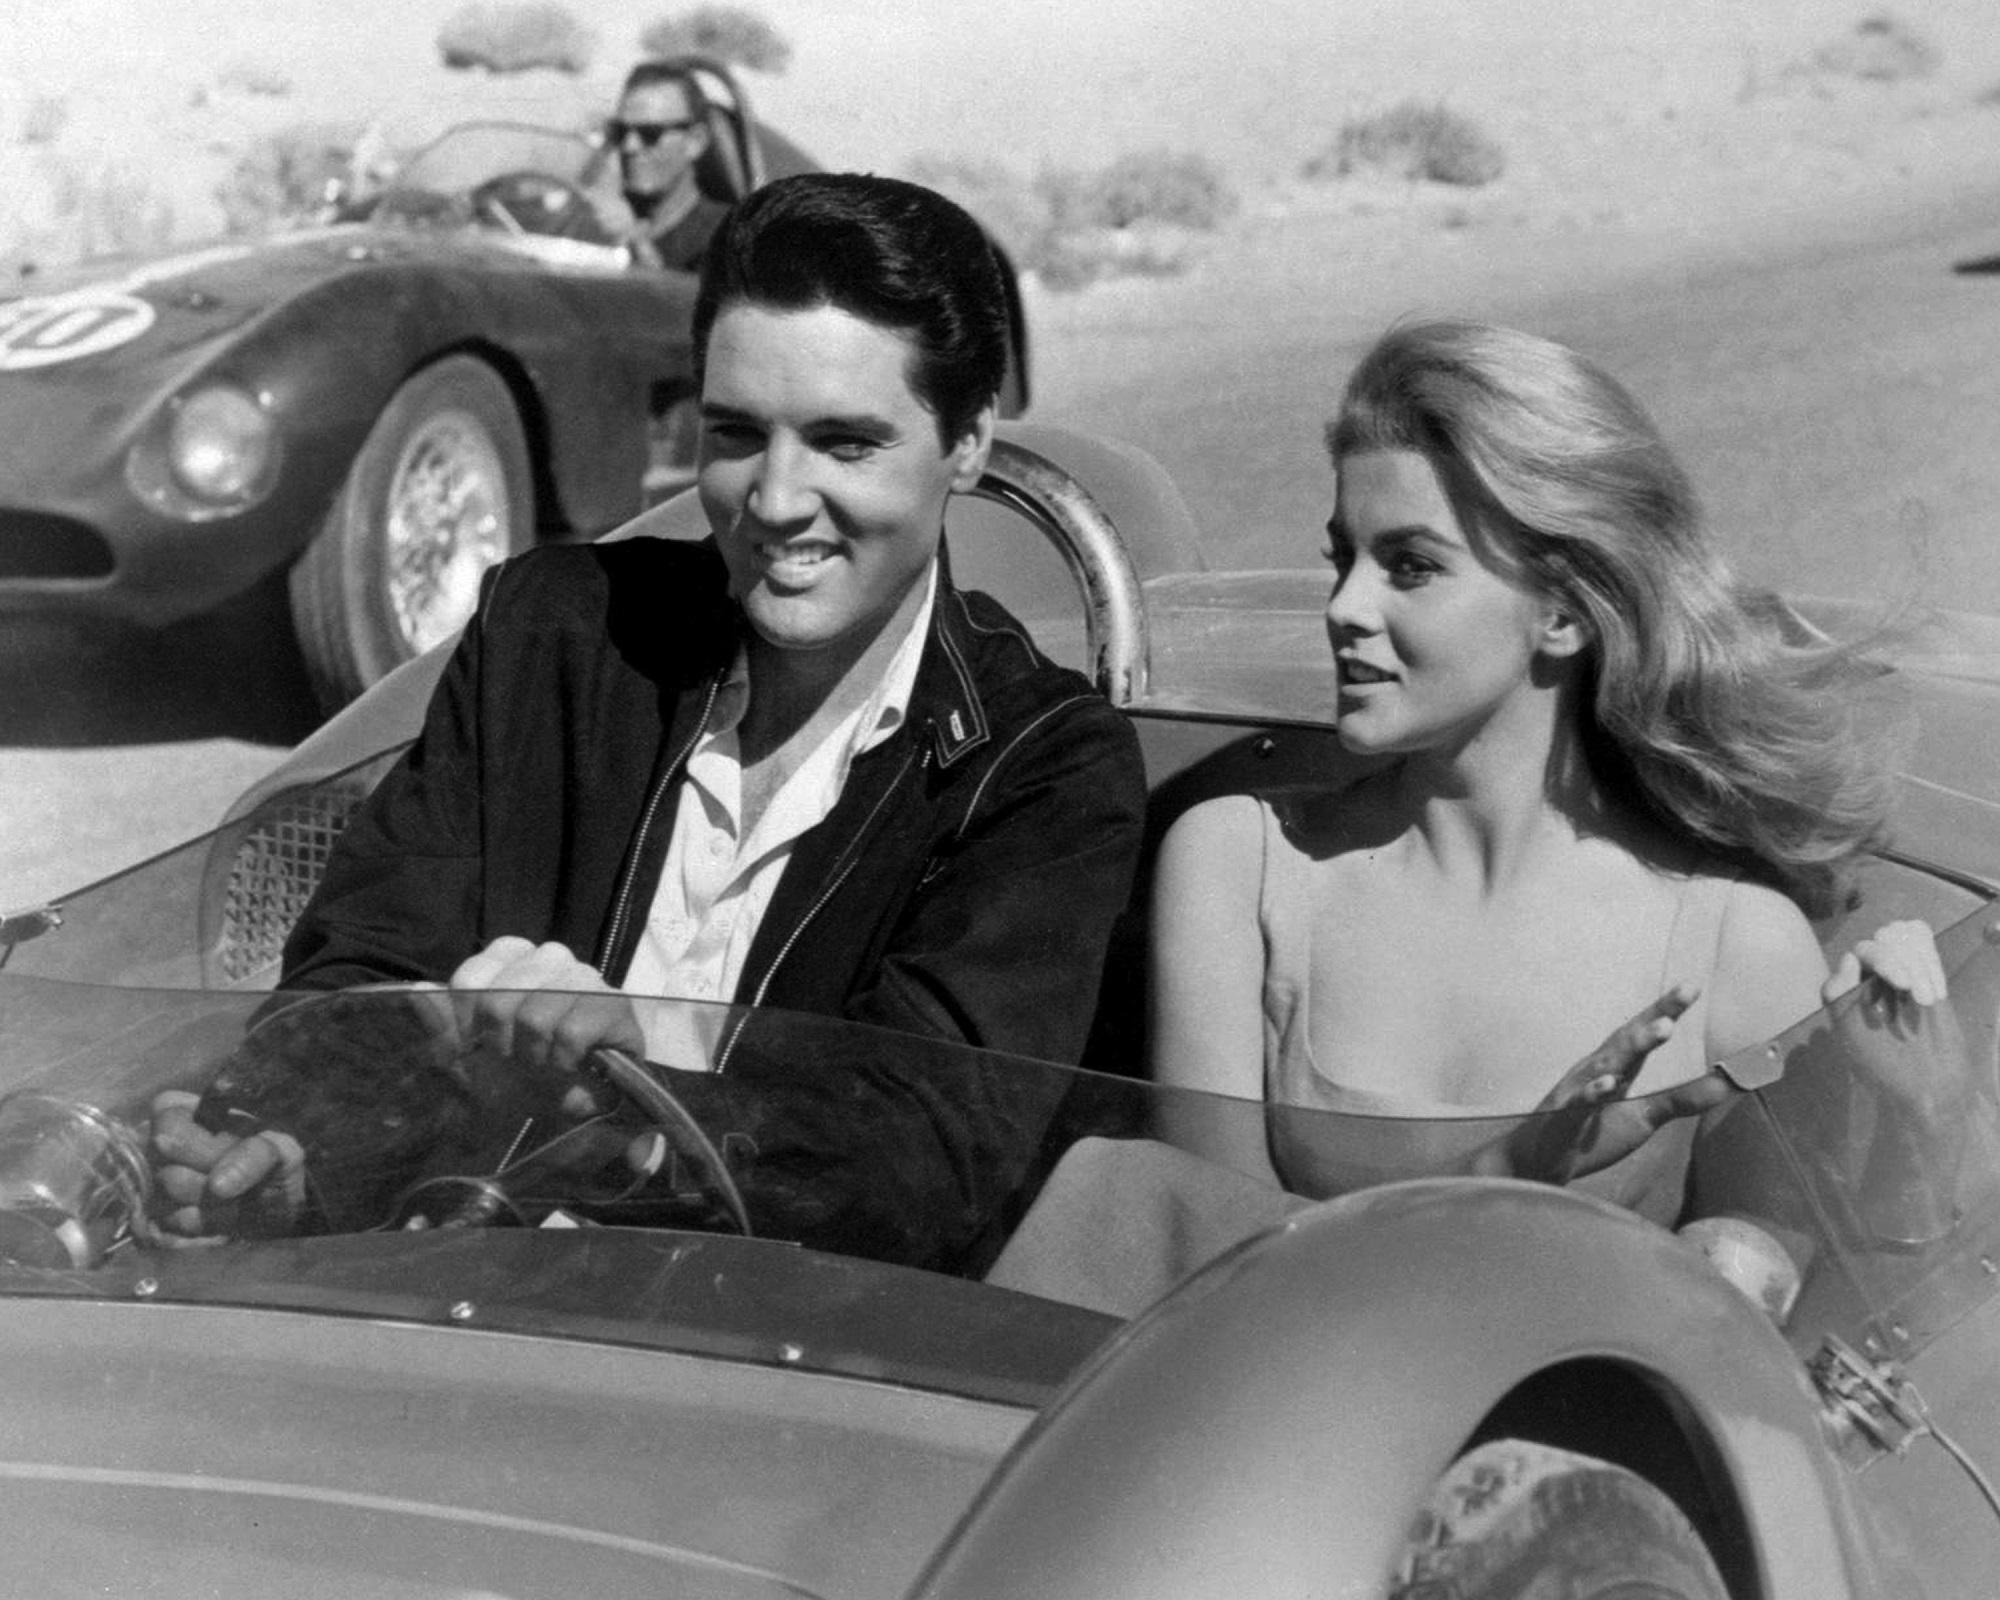 Ann-Margret and Elvis Presley in the film Viva Las Vegas